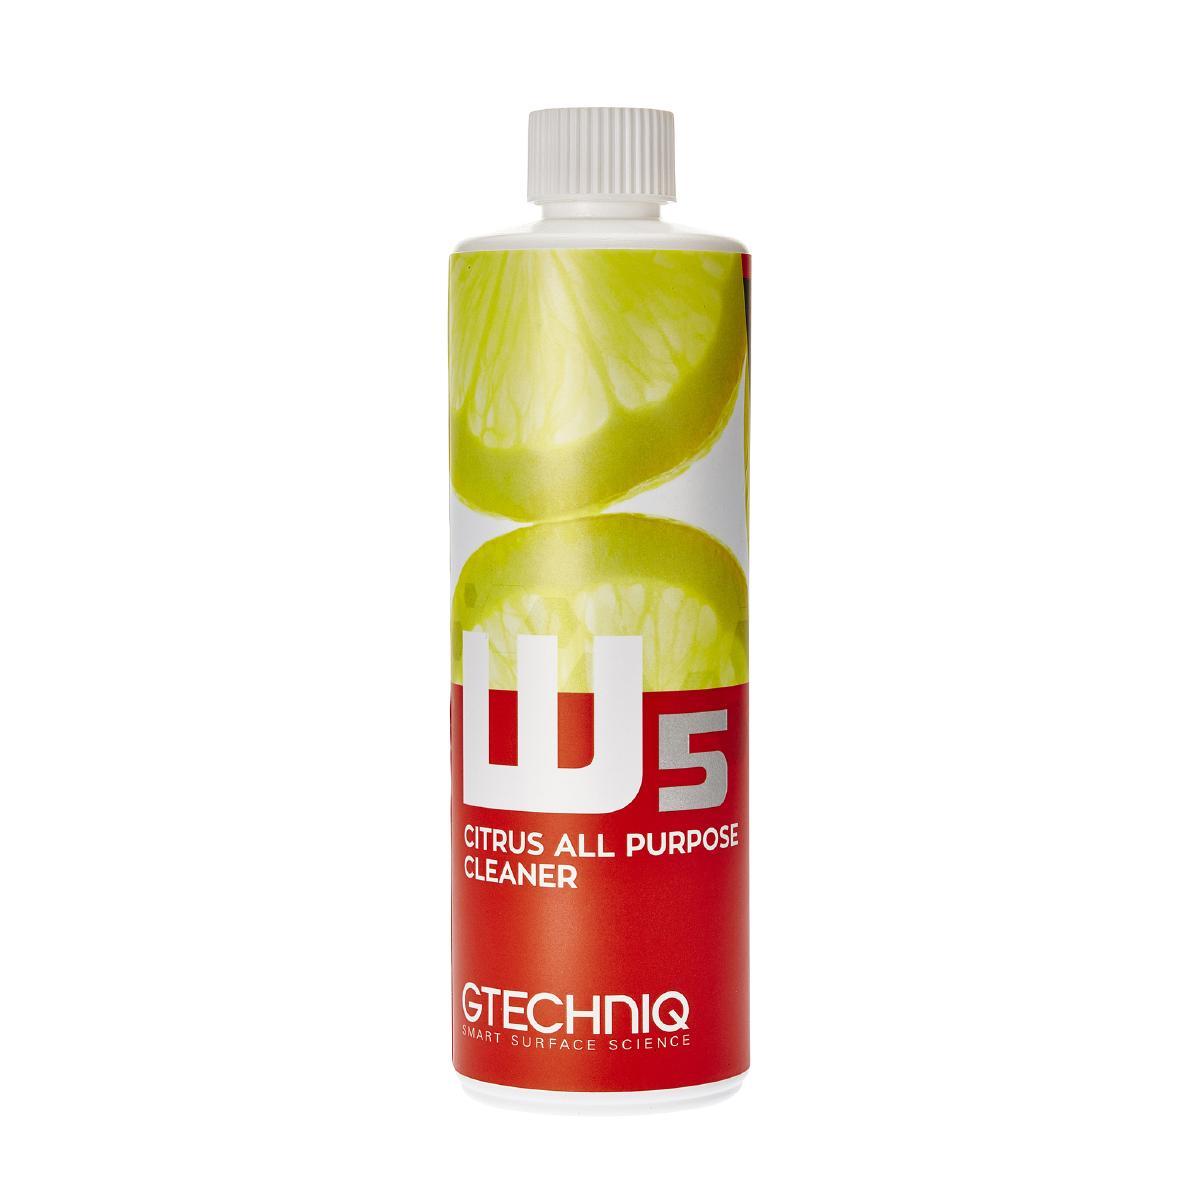 Allrengöring Gtechniq W5 Citrus All Purpose Cleaner, 5000 ml